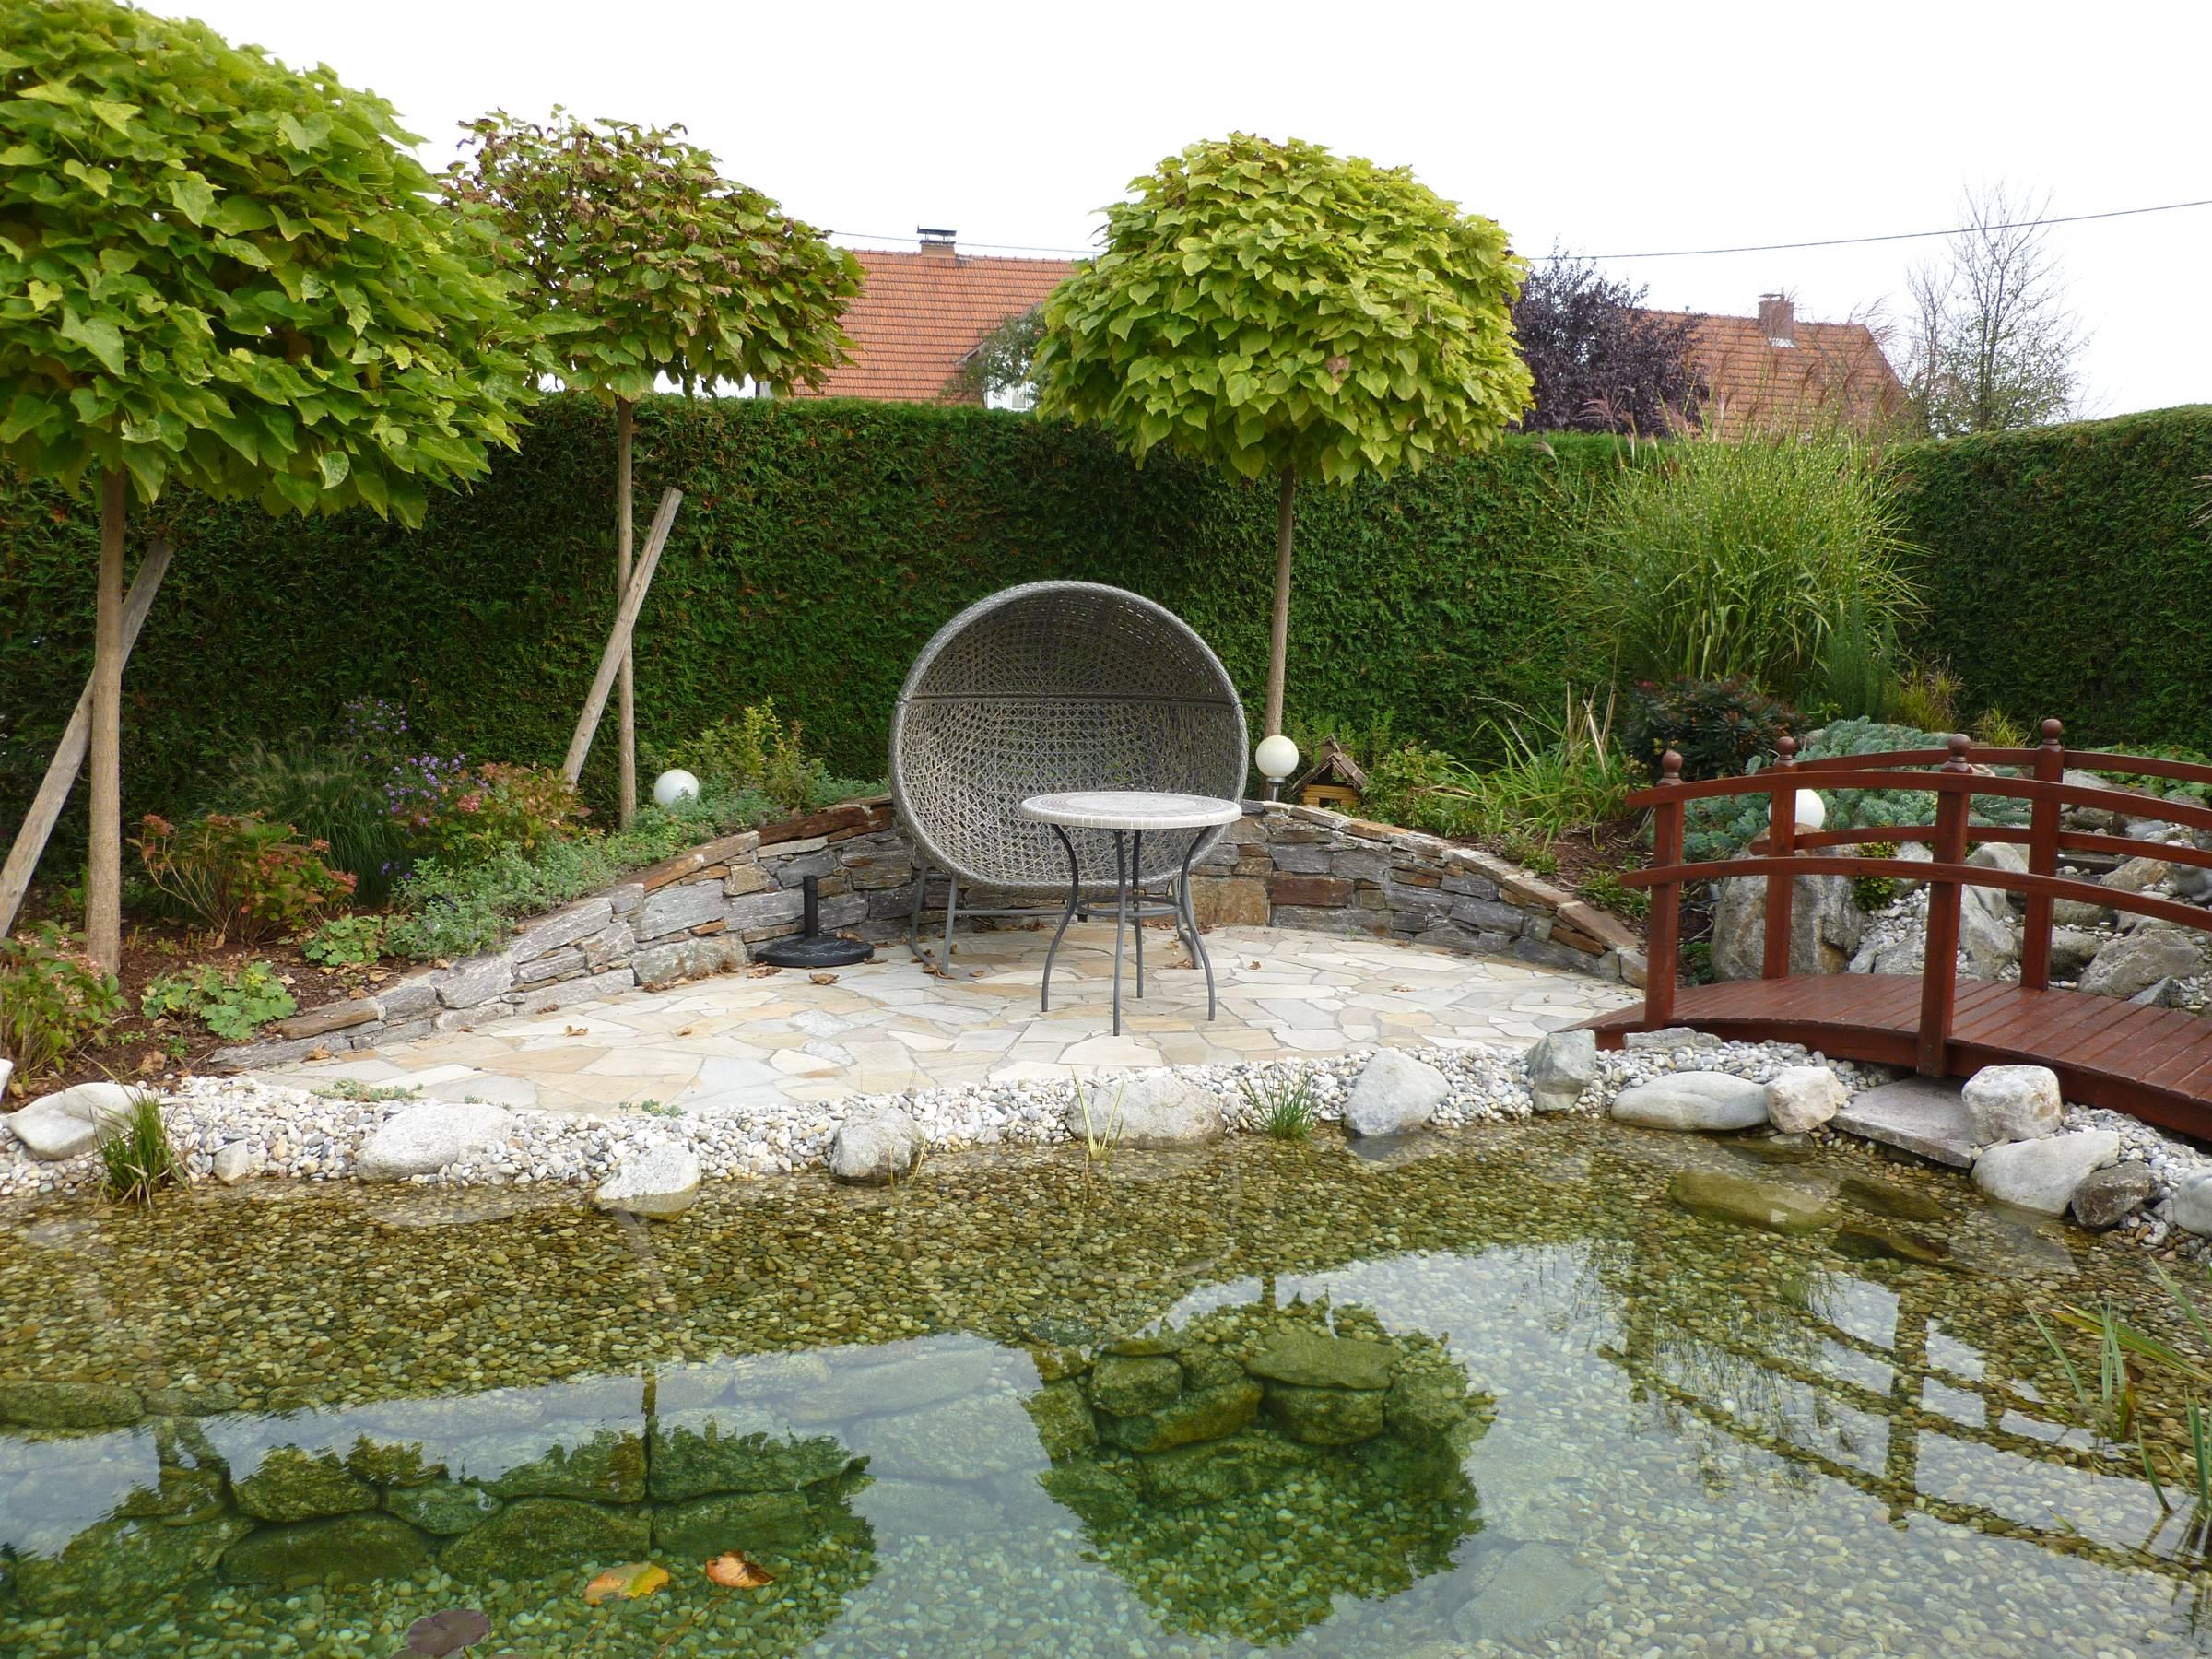 Gartengestaltung oberhuber ihr g rtner in linz o - Garten geschtaltung ...